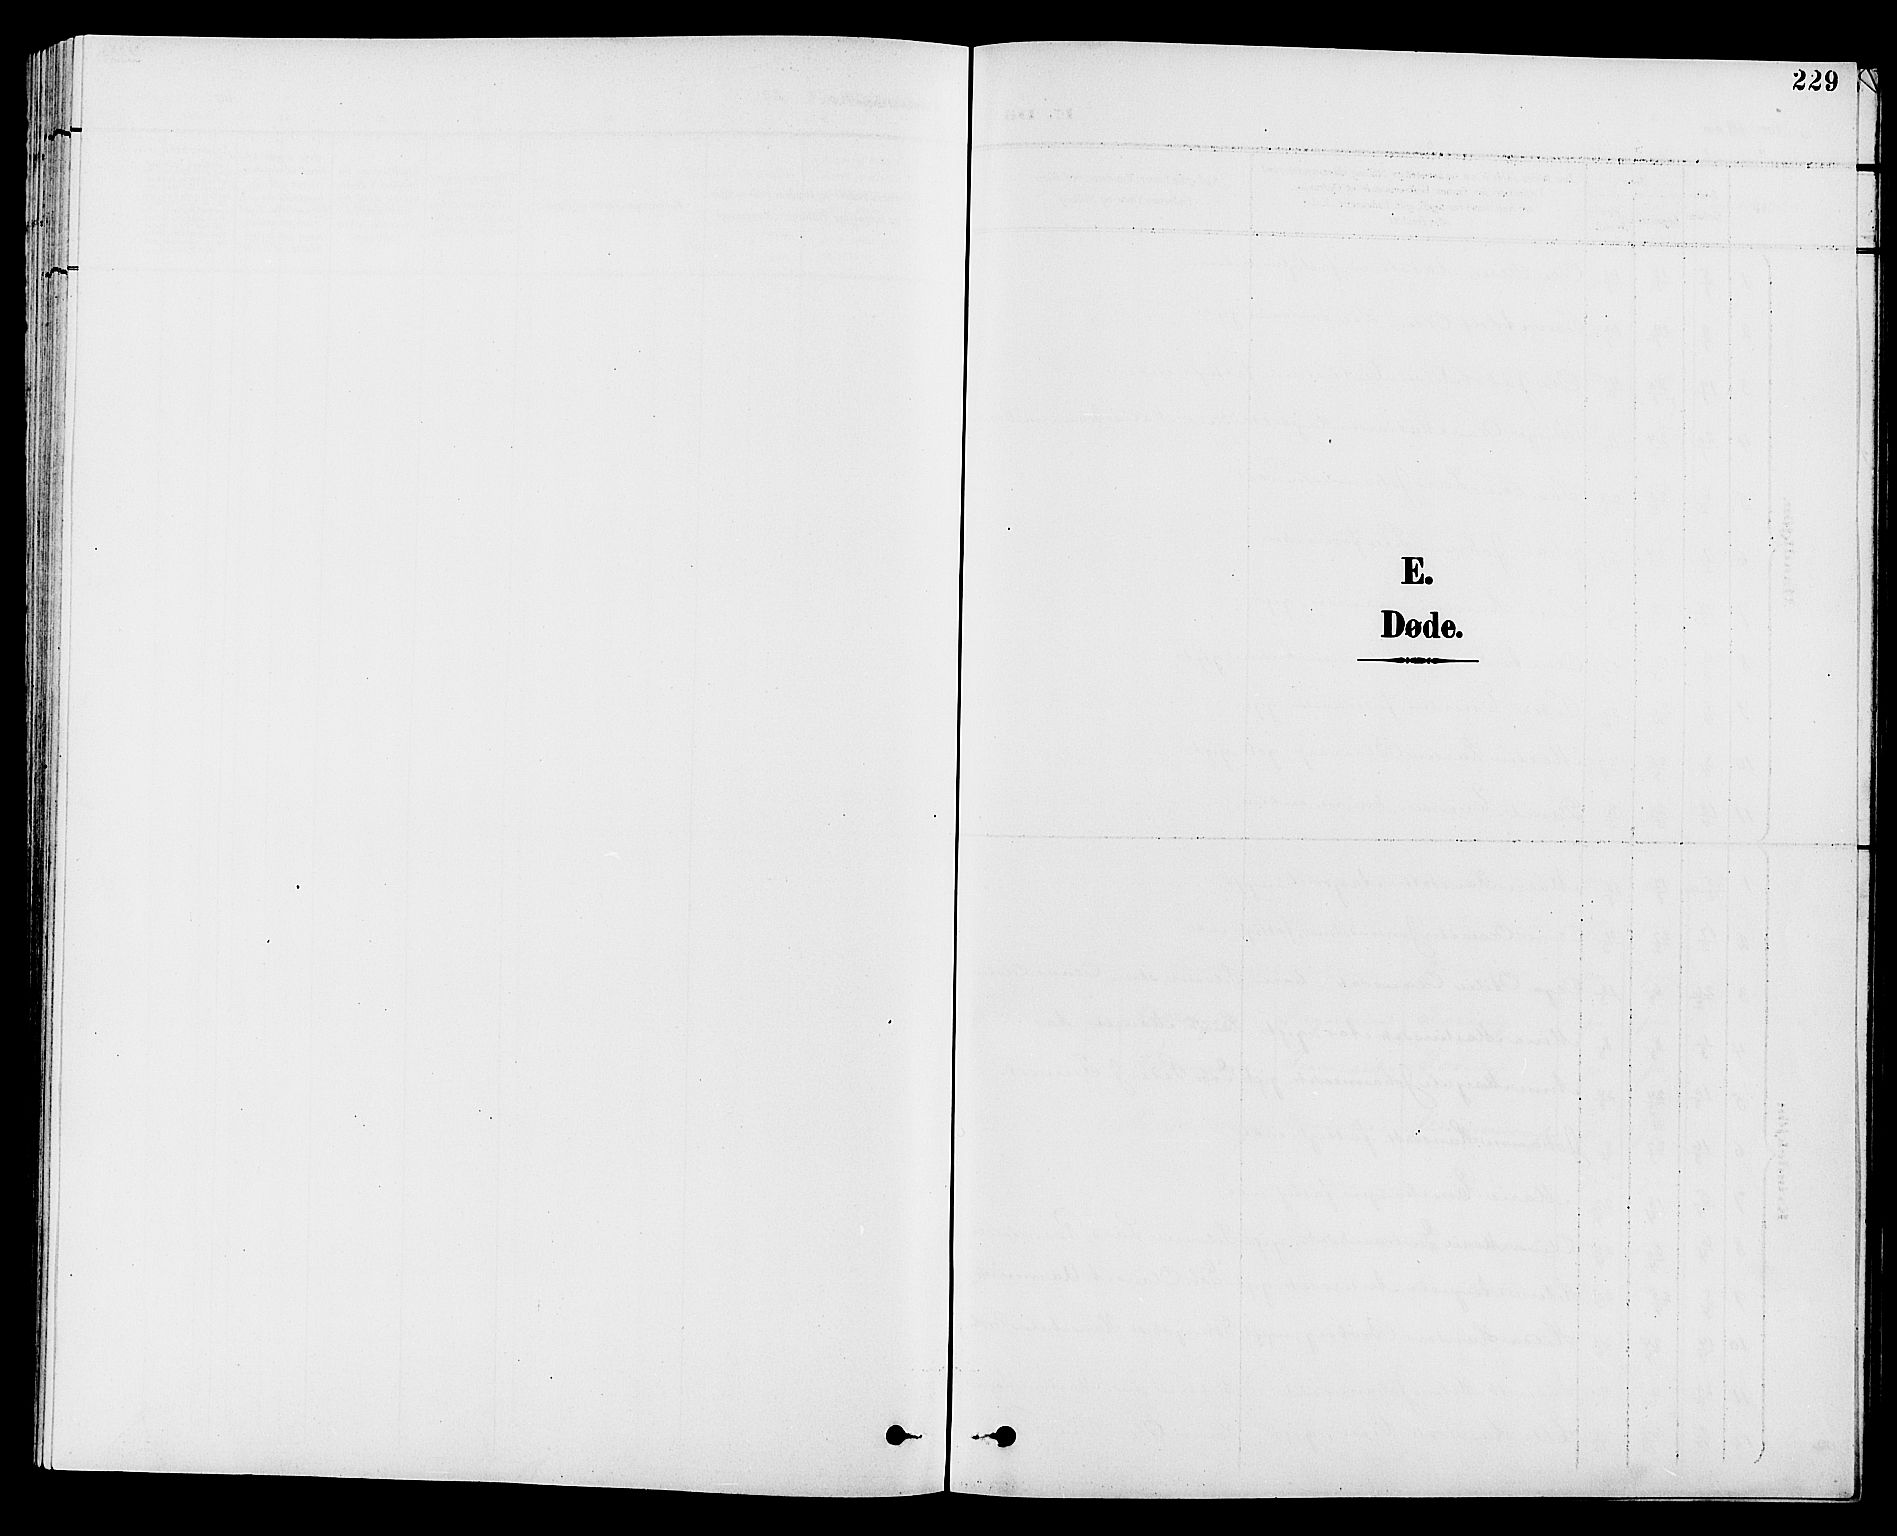 SAH, Vestre Toten prestekontor, Klokkerbok nr. 10, 1900-1912, s. 229